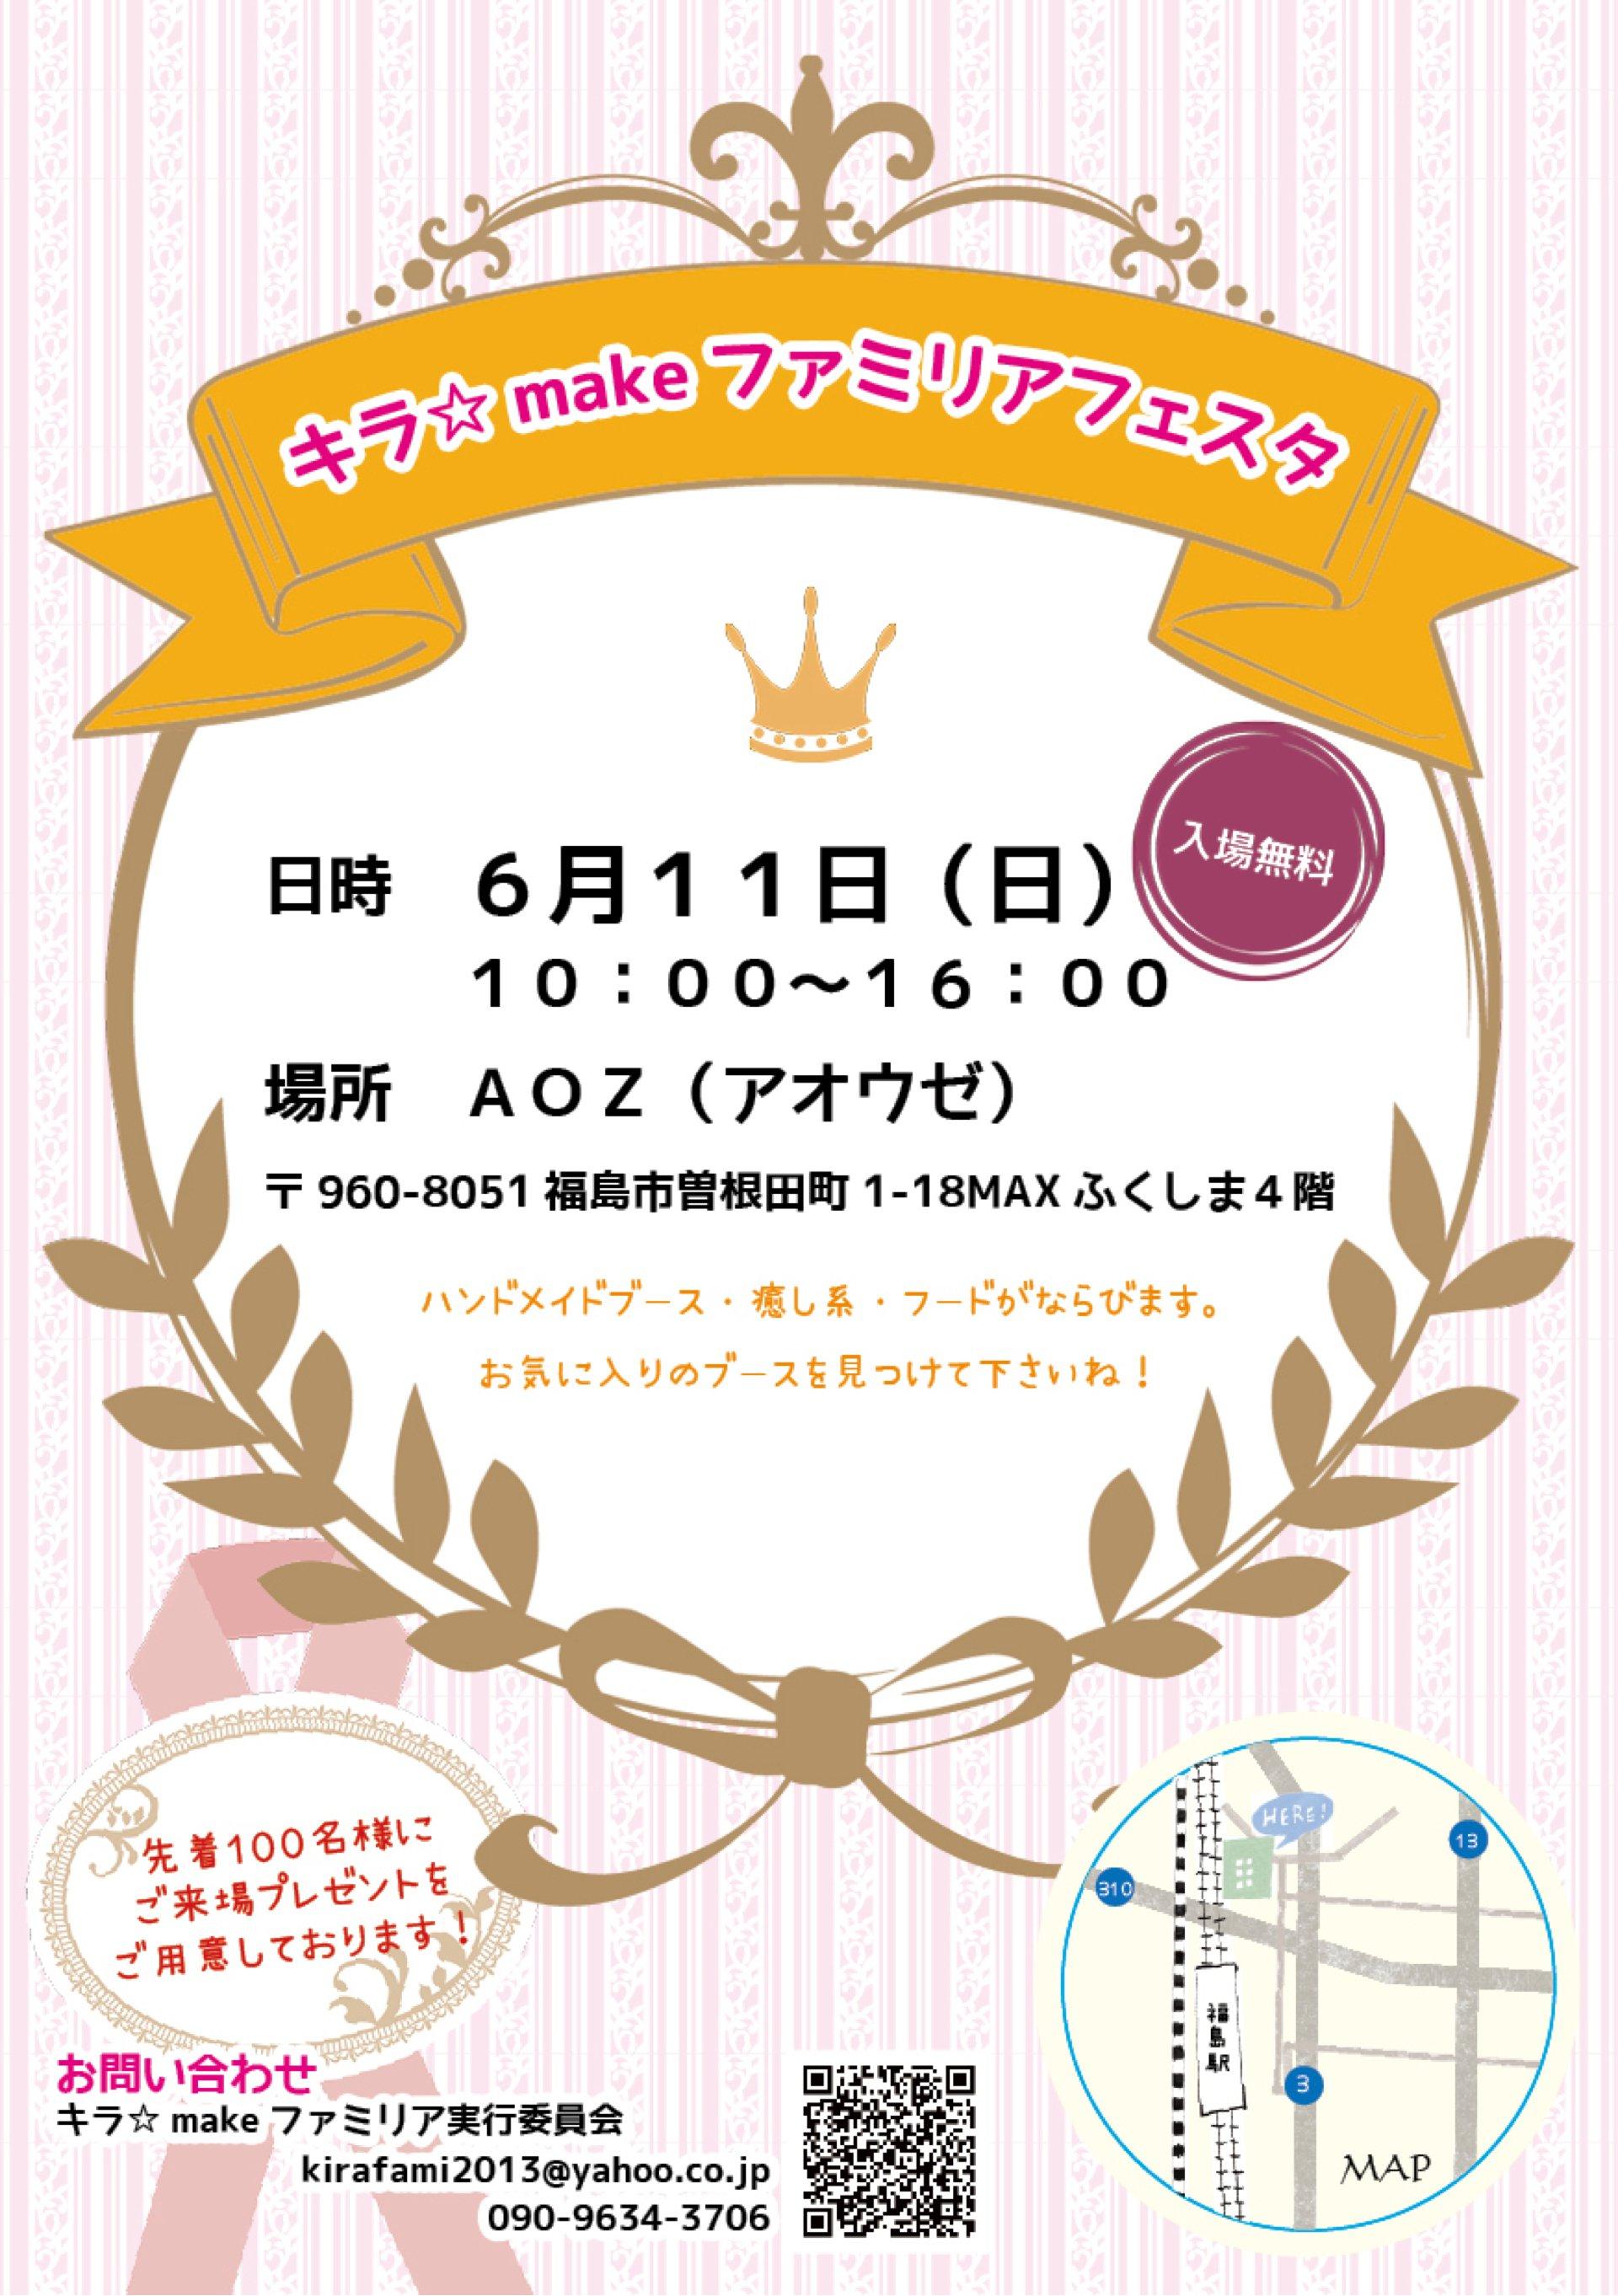 福島市のイベントサークル キラ☆makeファミリア